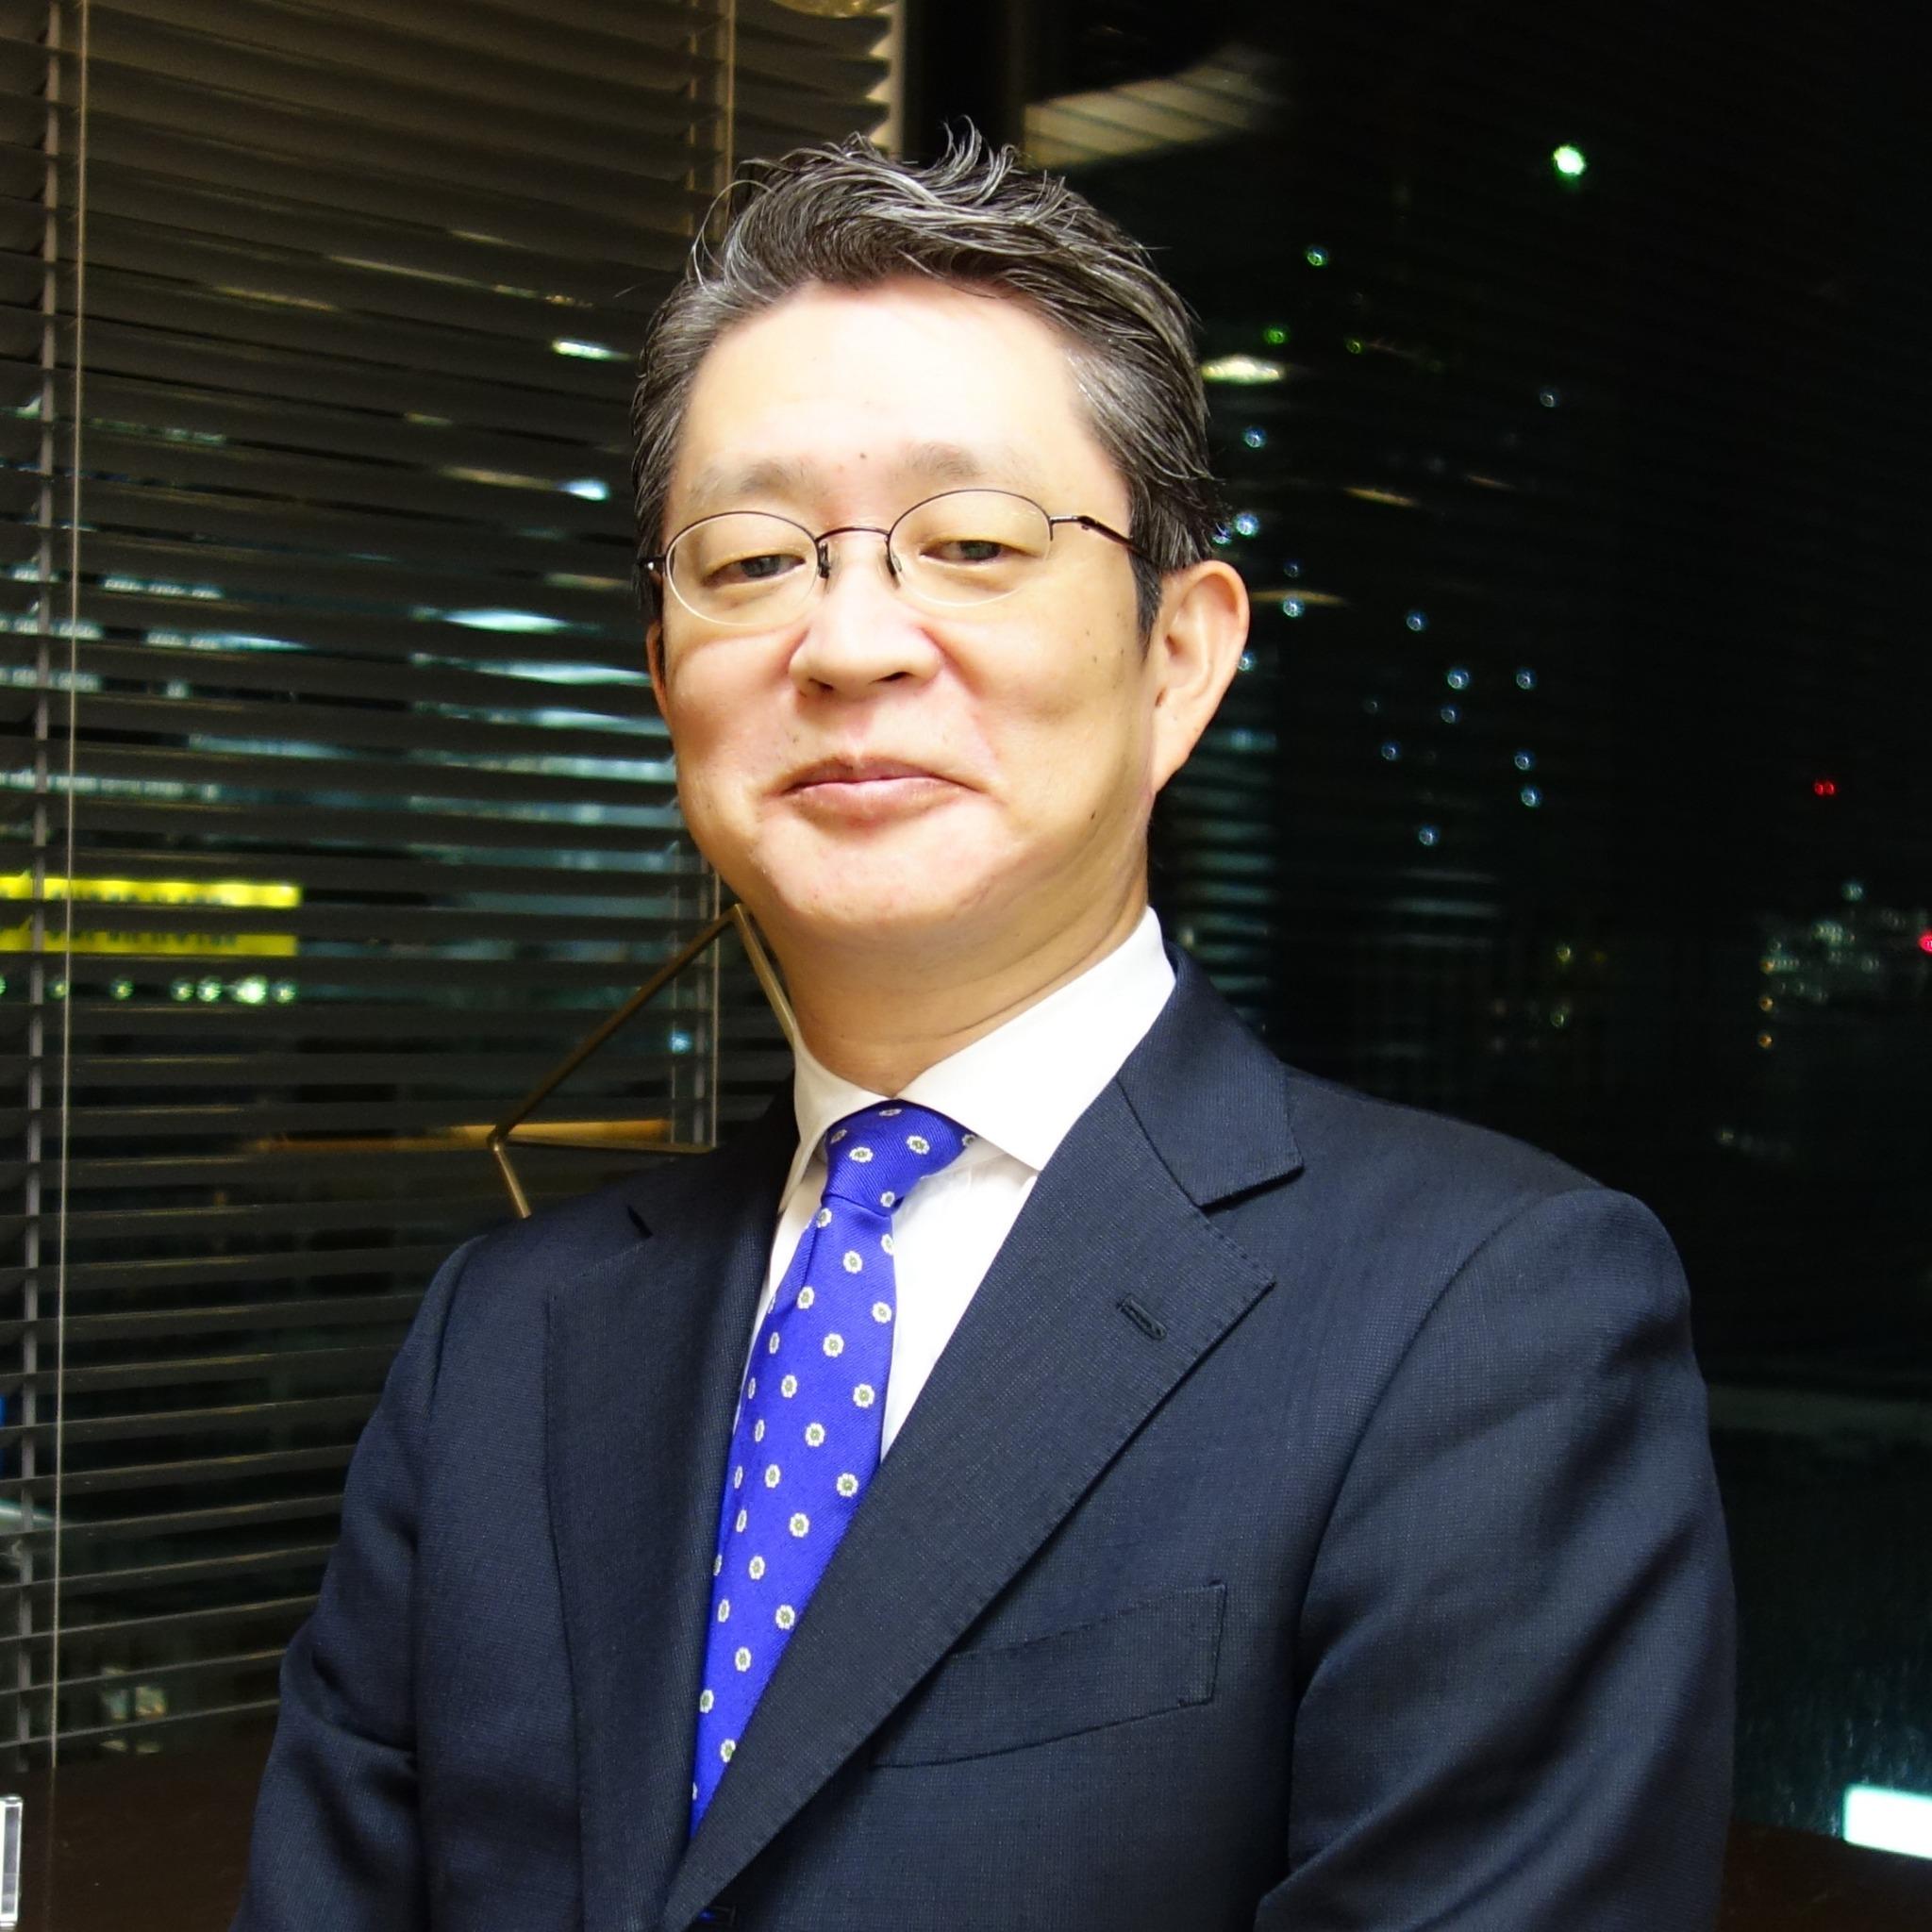 鈴木祥司先生